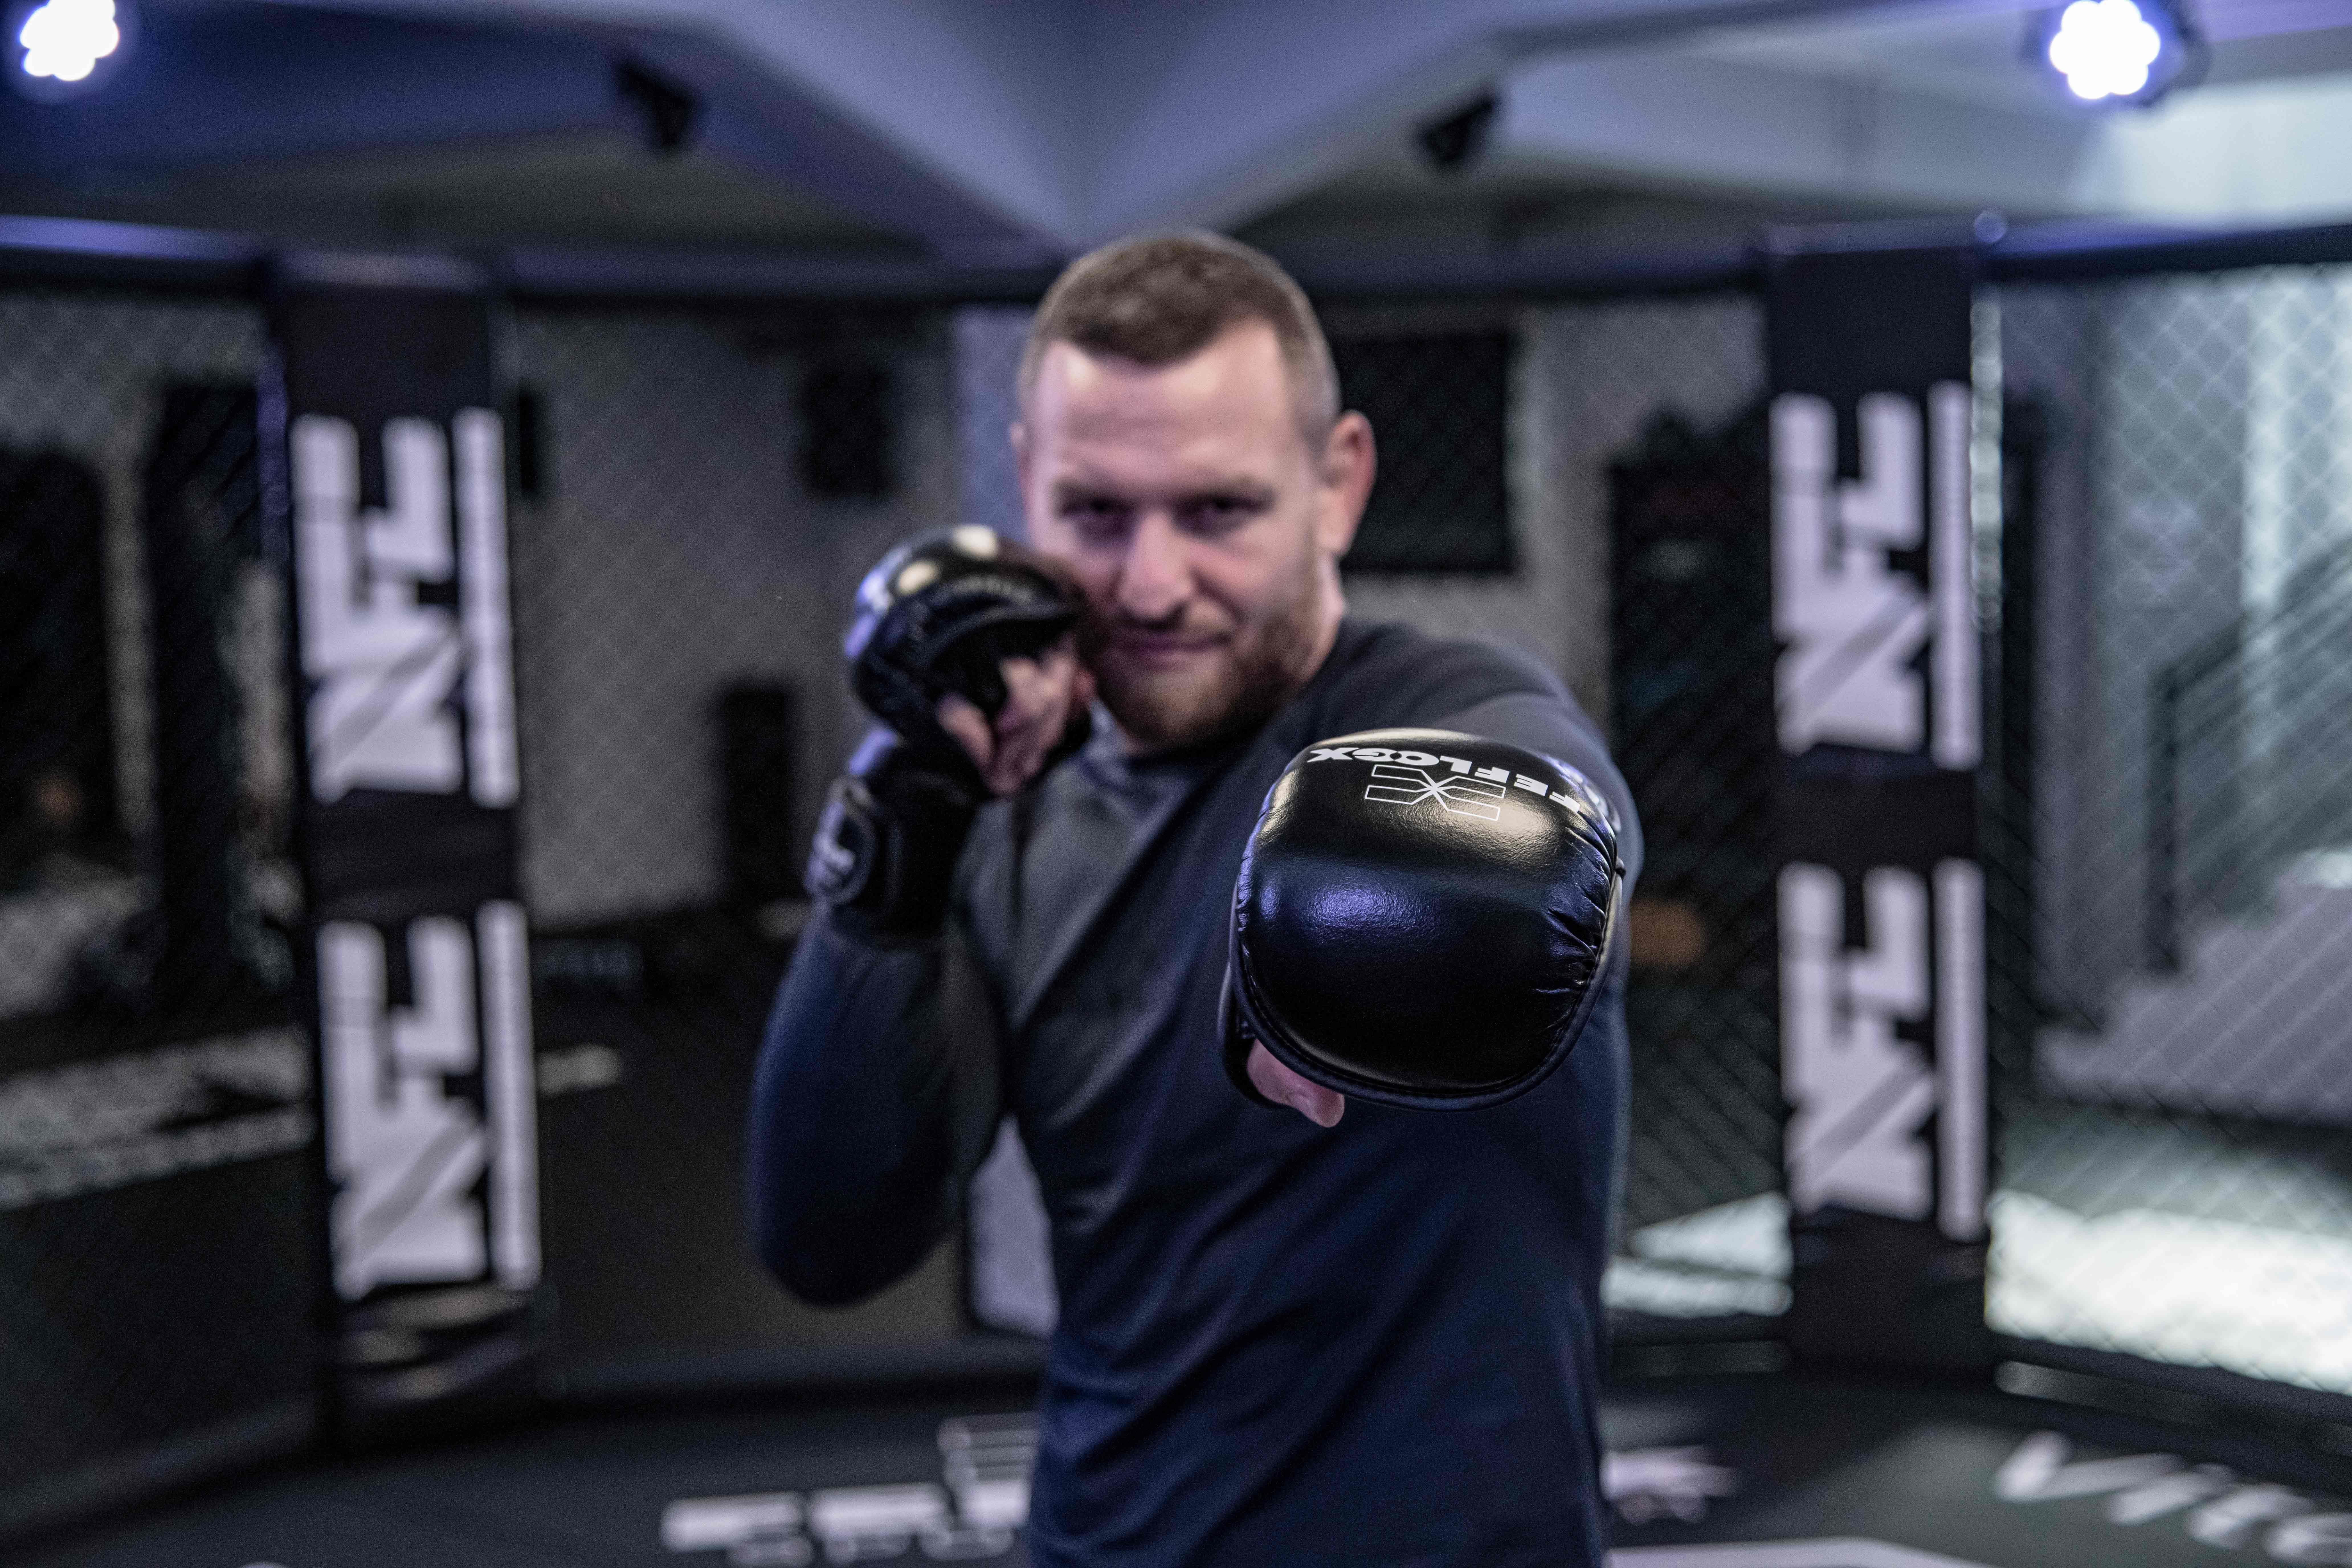 Max Schwindt, Ringer Profi, mit FEFLOGX Sportswear Rashguard lang und MMA Sparringshandschuhen im NFT Cage der NFC in Krefeld.